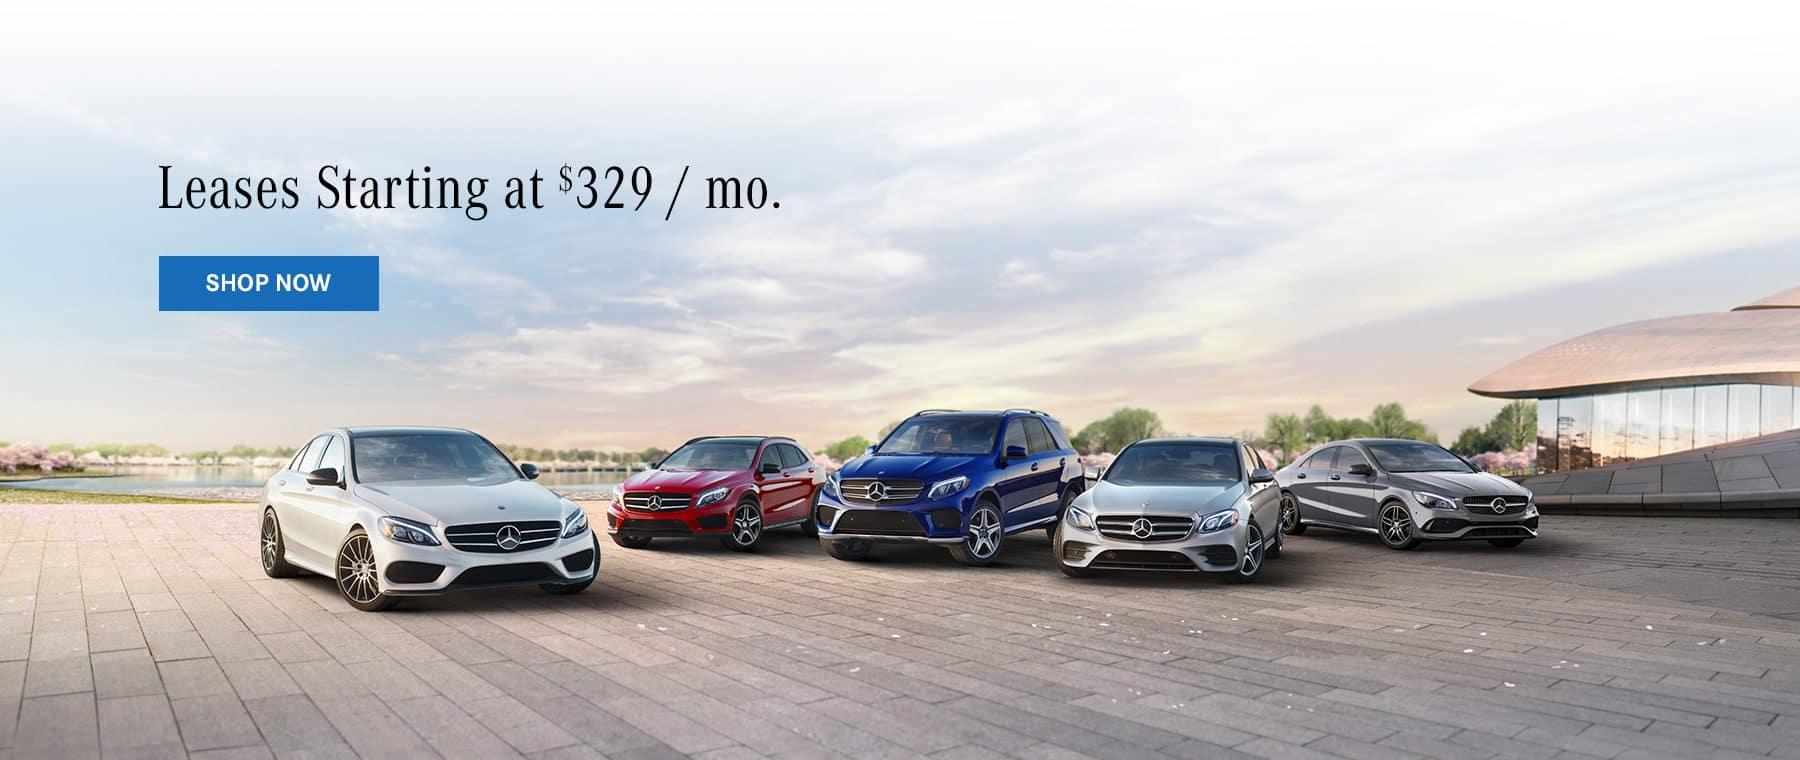 Rallye Motors lease offers